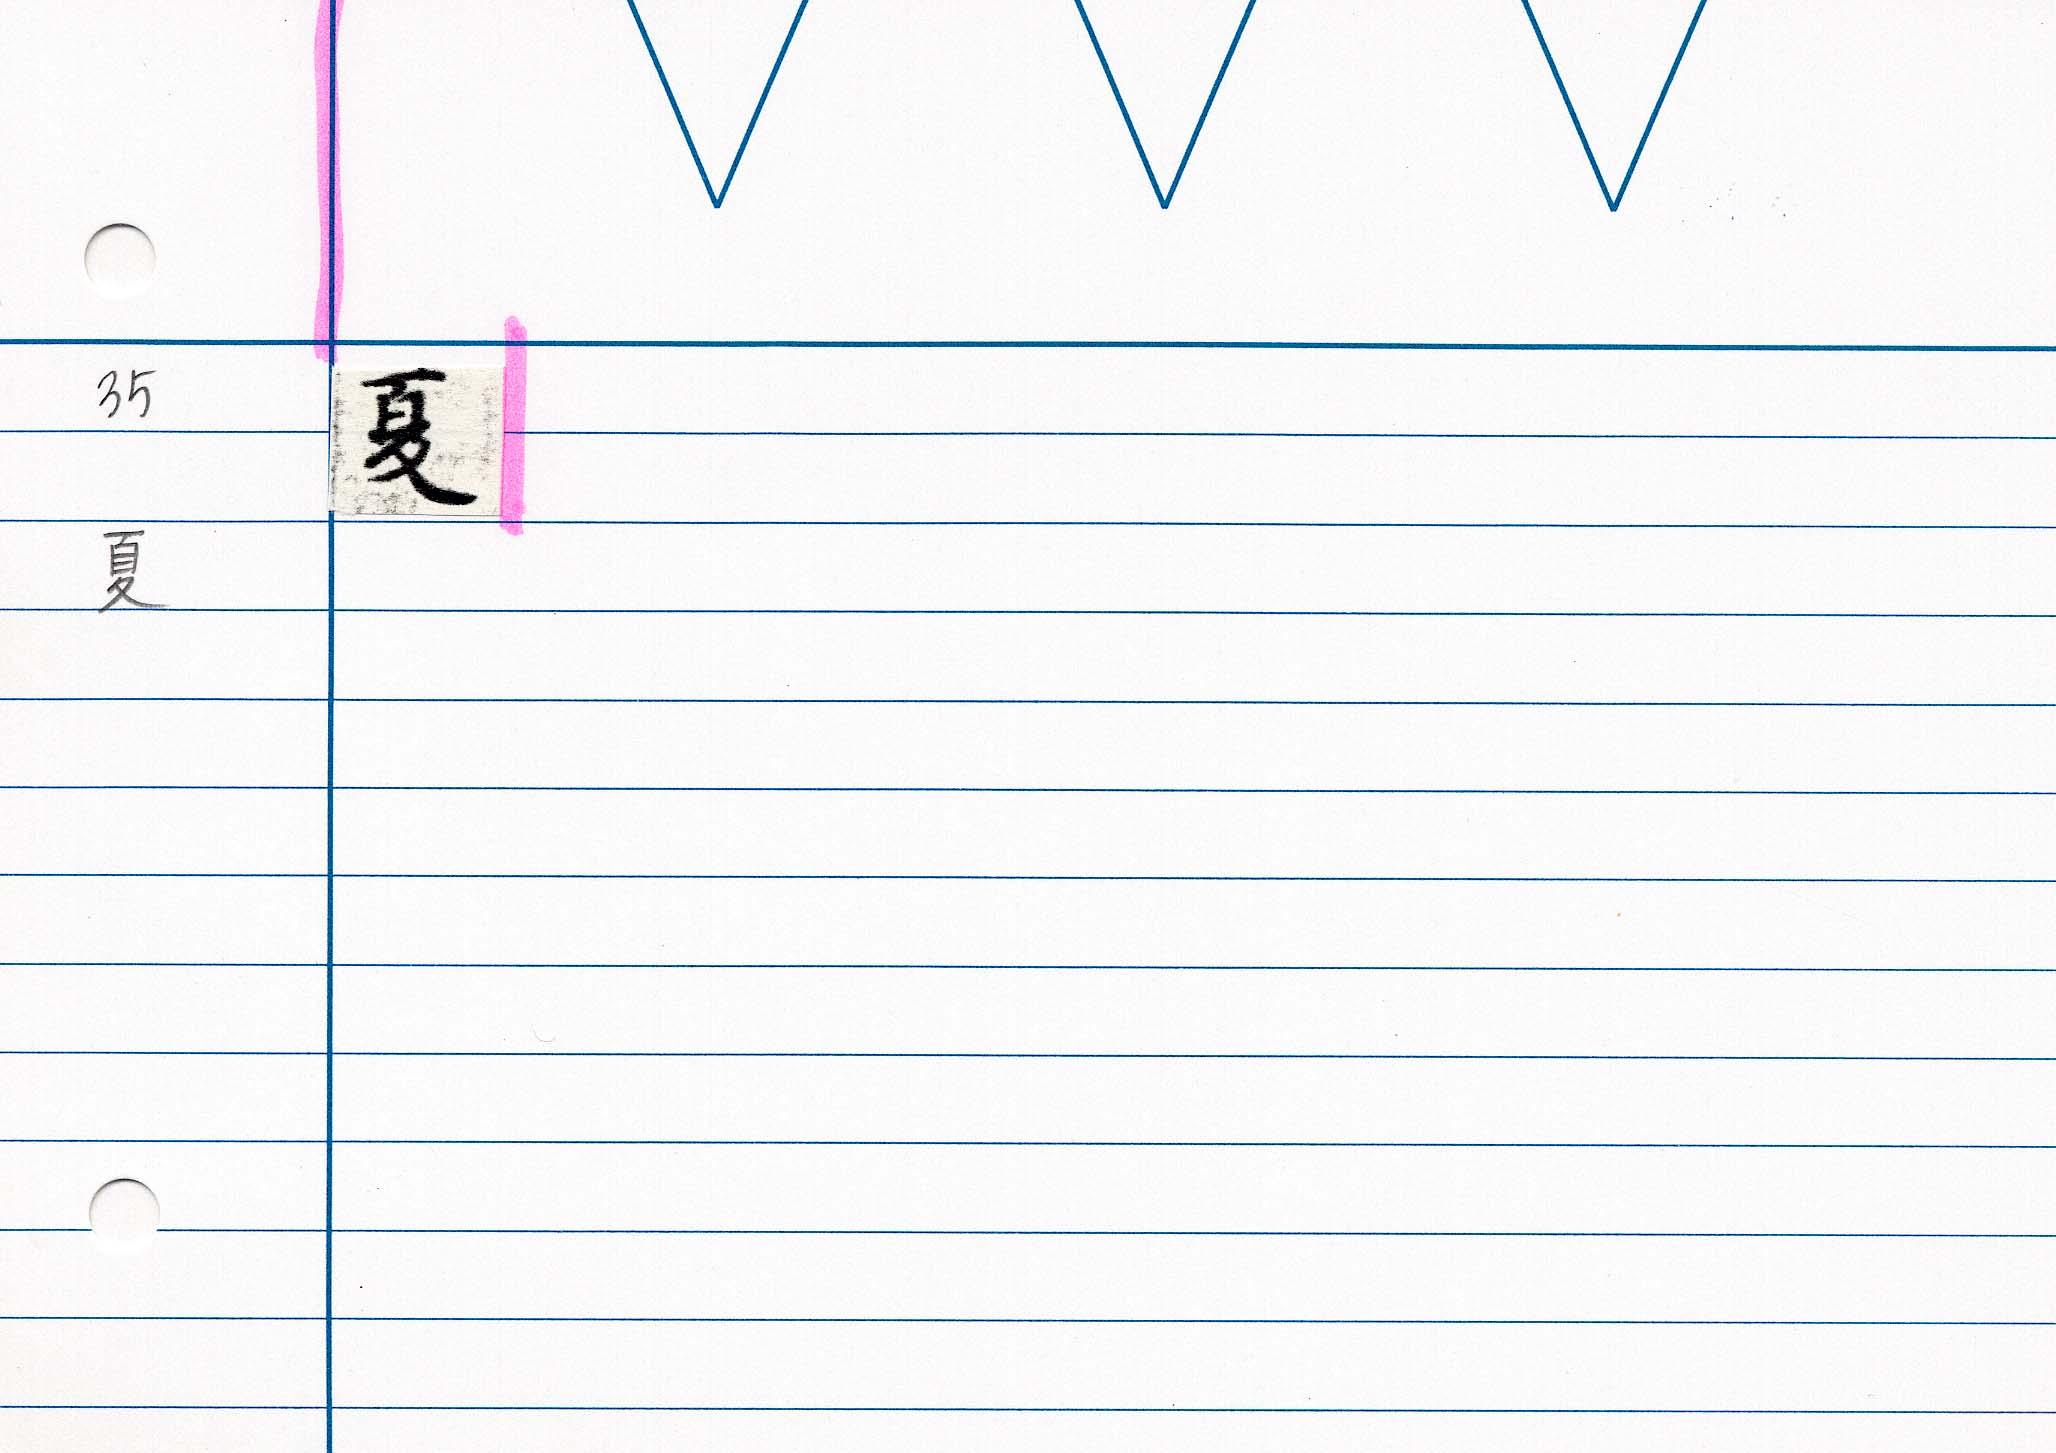 60_佛説大教王經卷一(東禪寺版日本寫本)/cards/0058.jpg